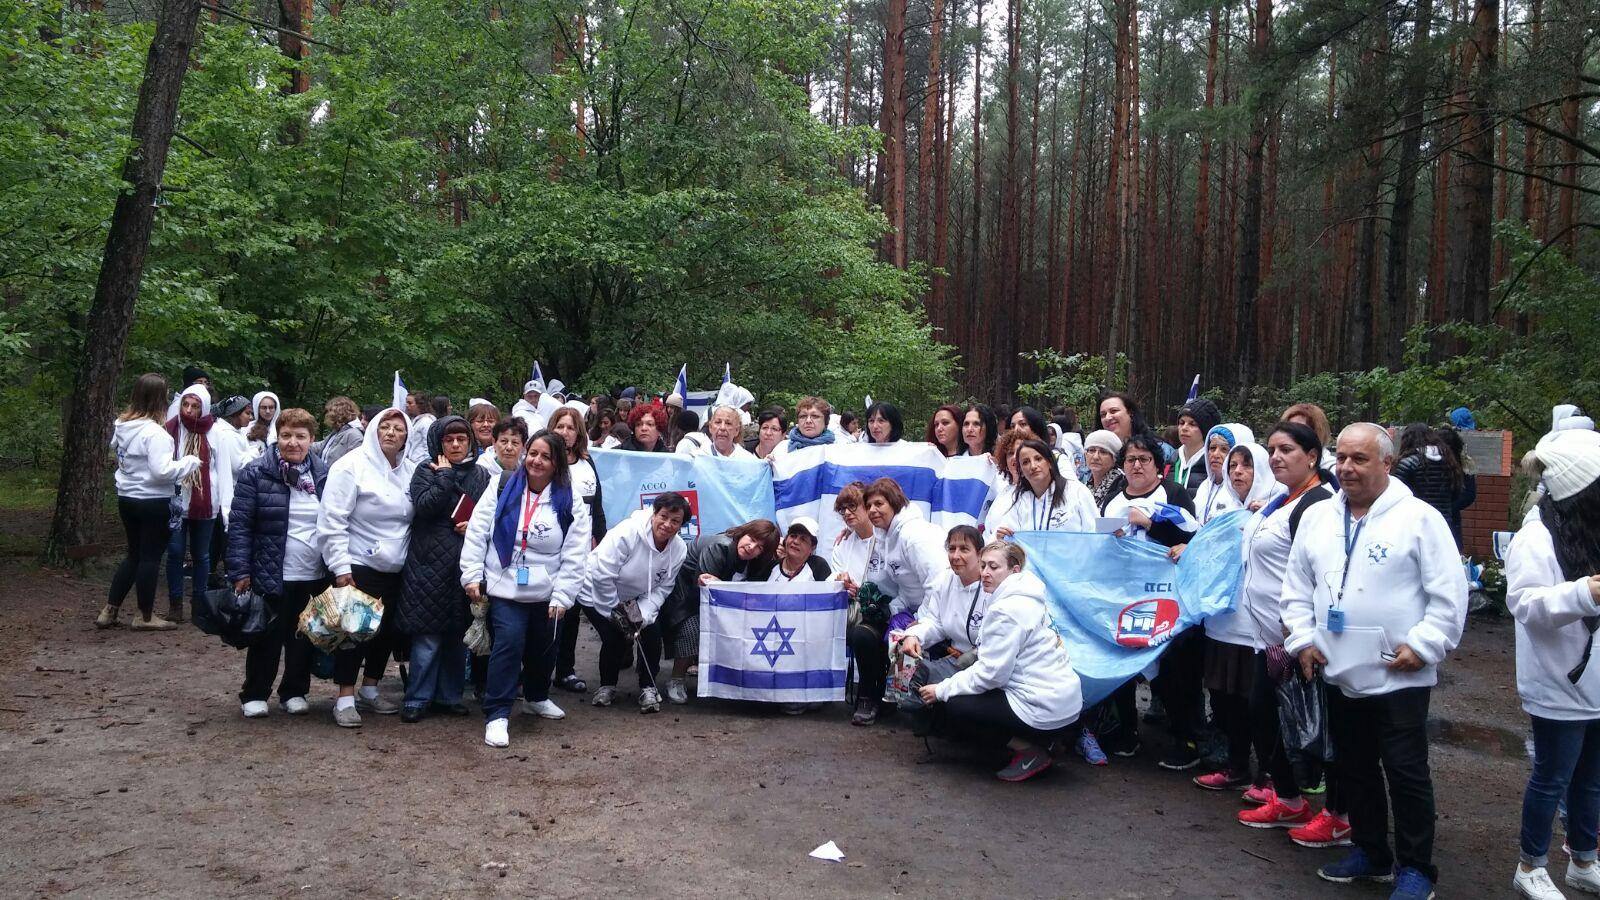 40 נשים מעכו יצאו לביקור במחנות ההשמדה ובגטאות בפולין